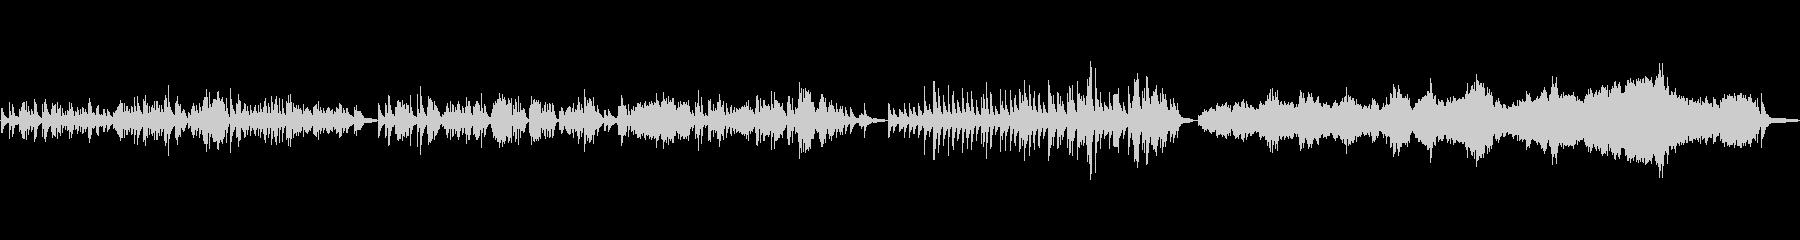 ピアノでバッハ 3種の曲よりの未再生の波形